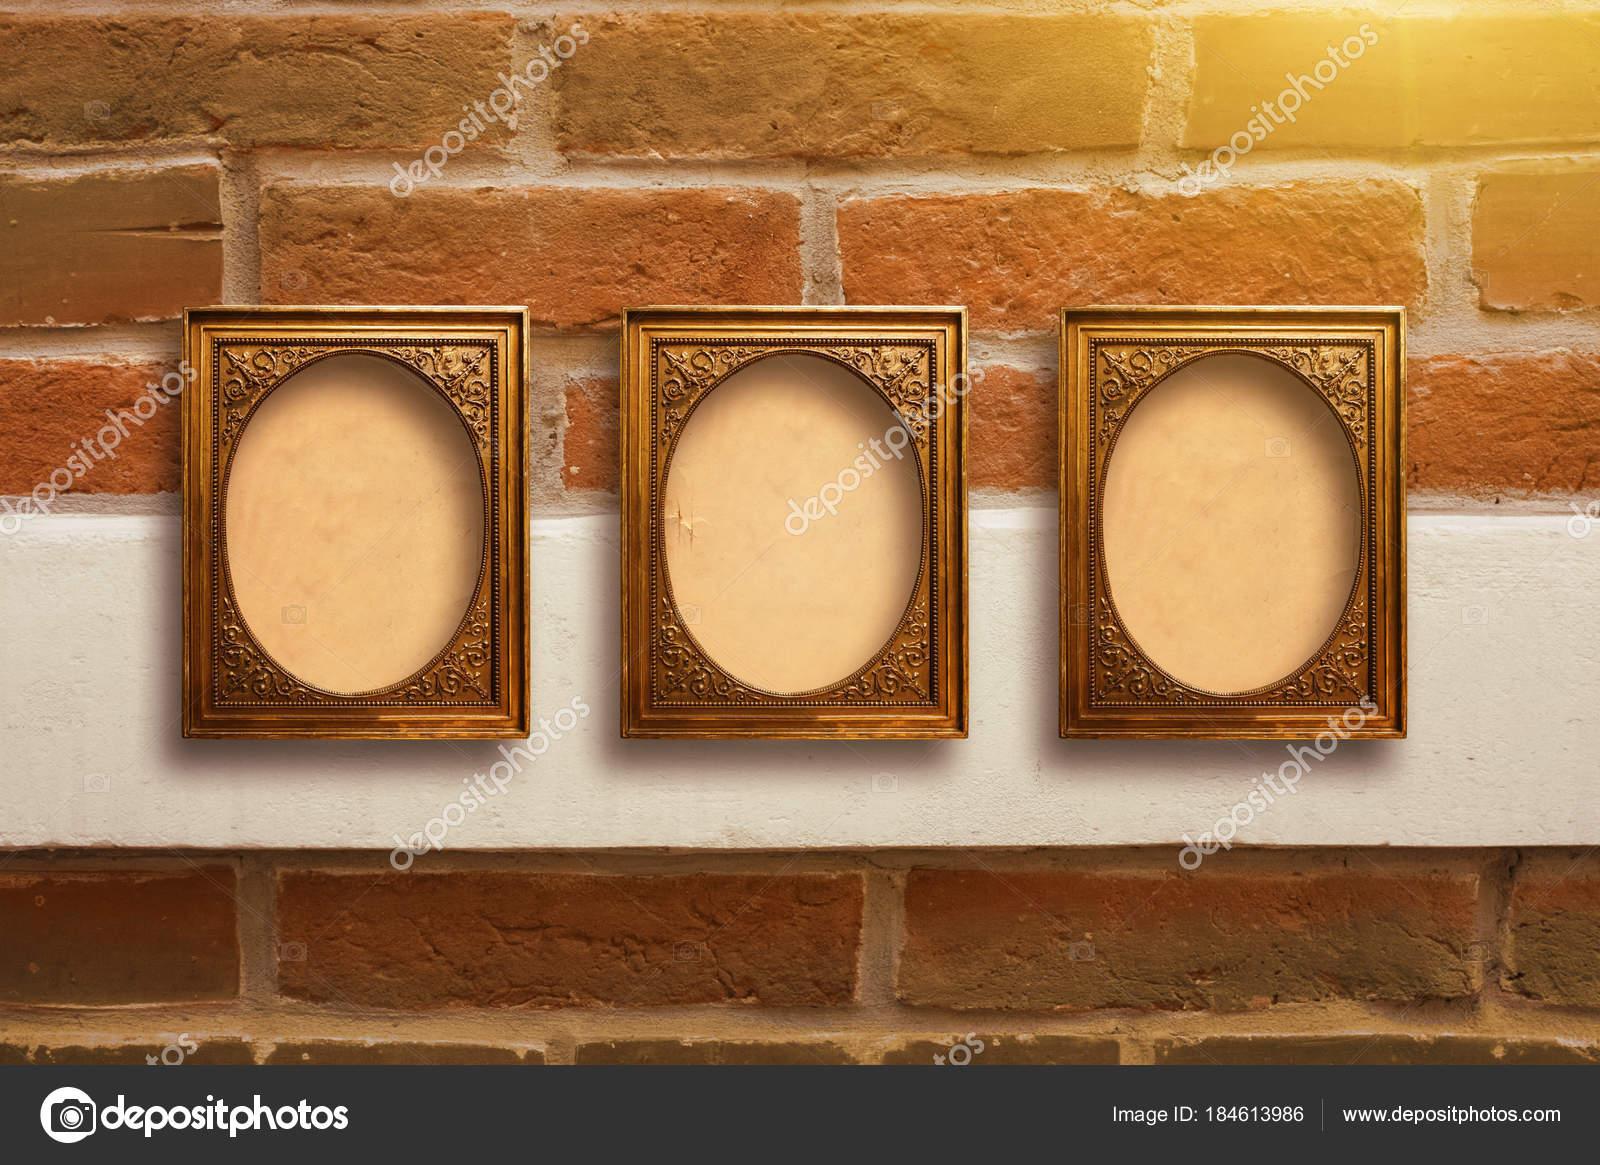 Dorado de marcos de madera para cuadros en pared de ladrillo viejo ...